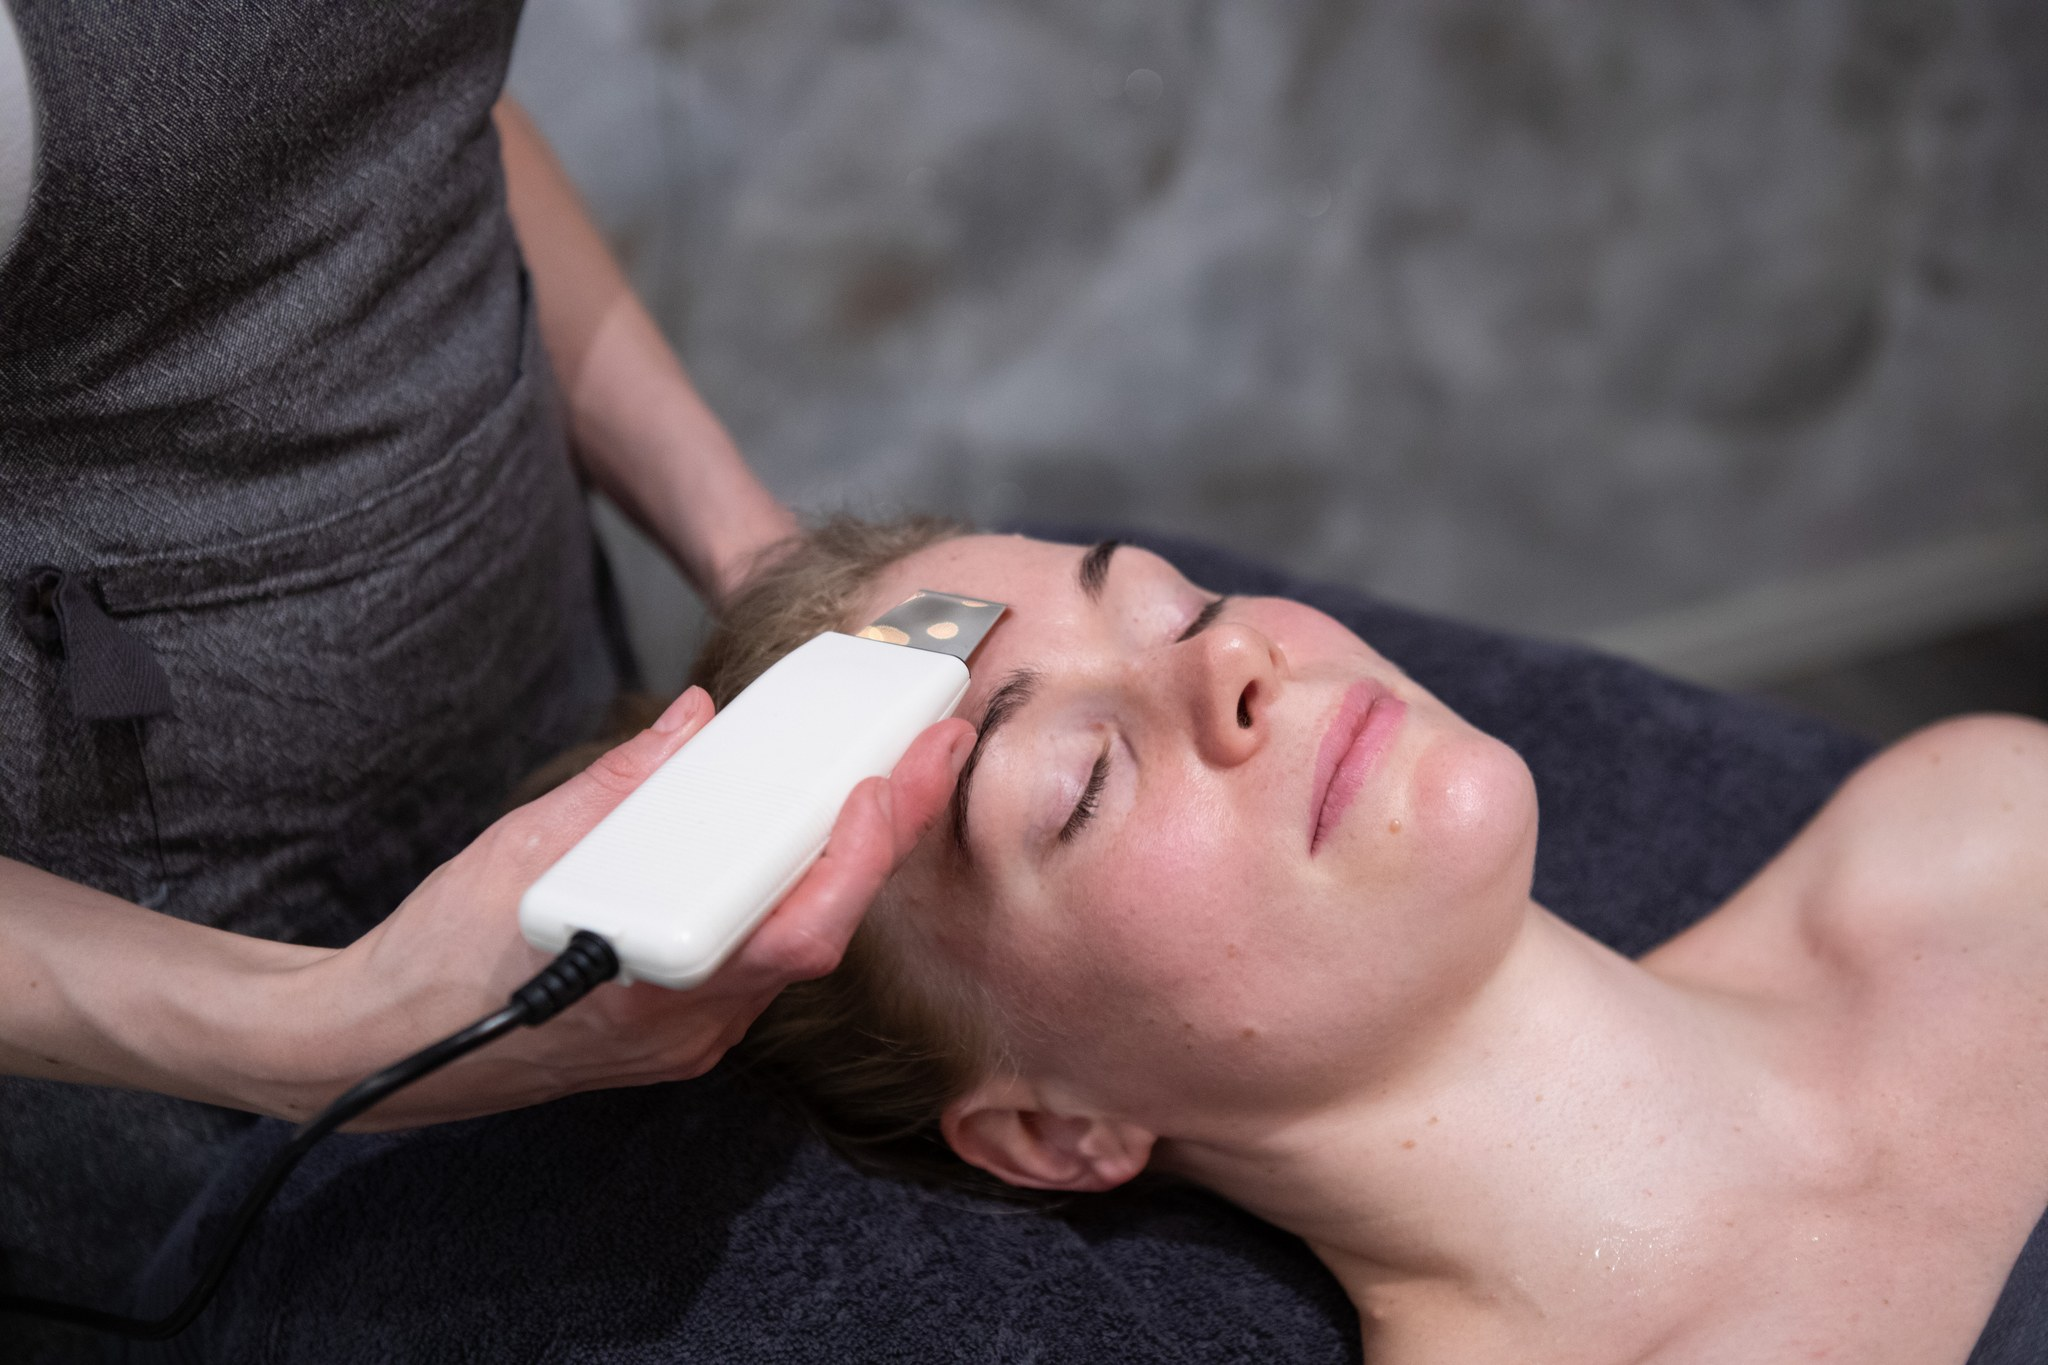 laitehoidot kasvoille - Tuloksellista ihonhoitoa turvallisesti.